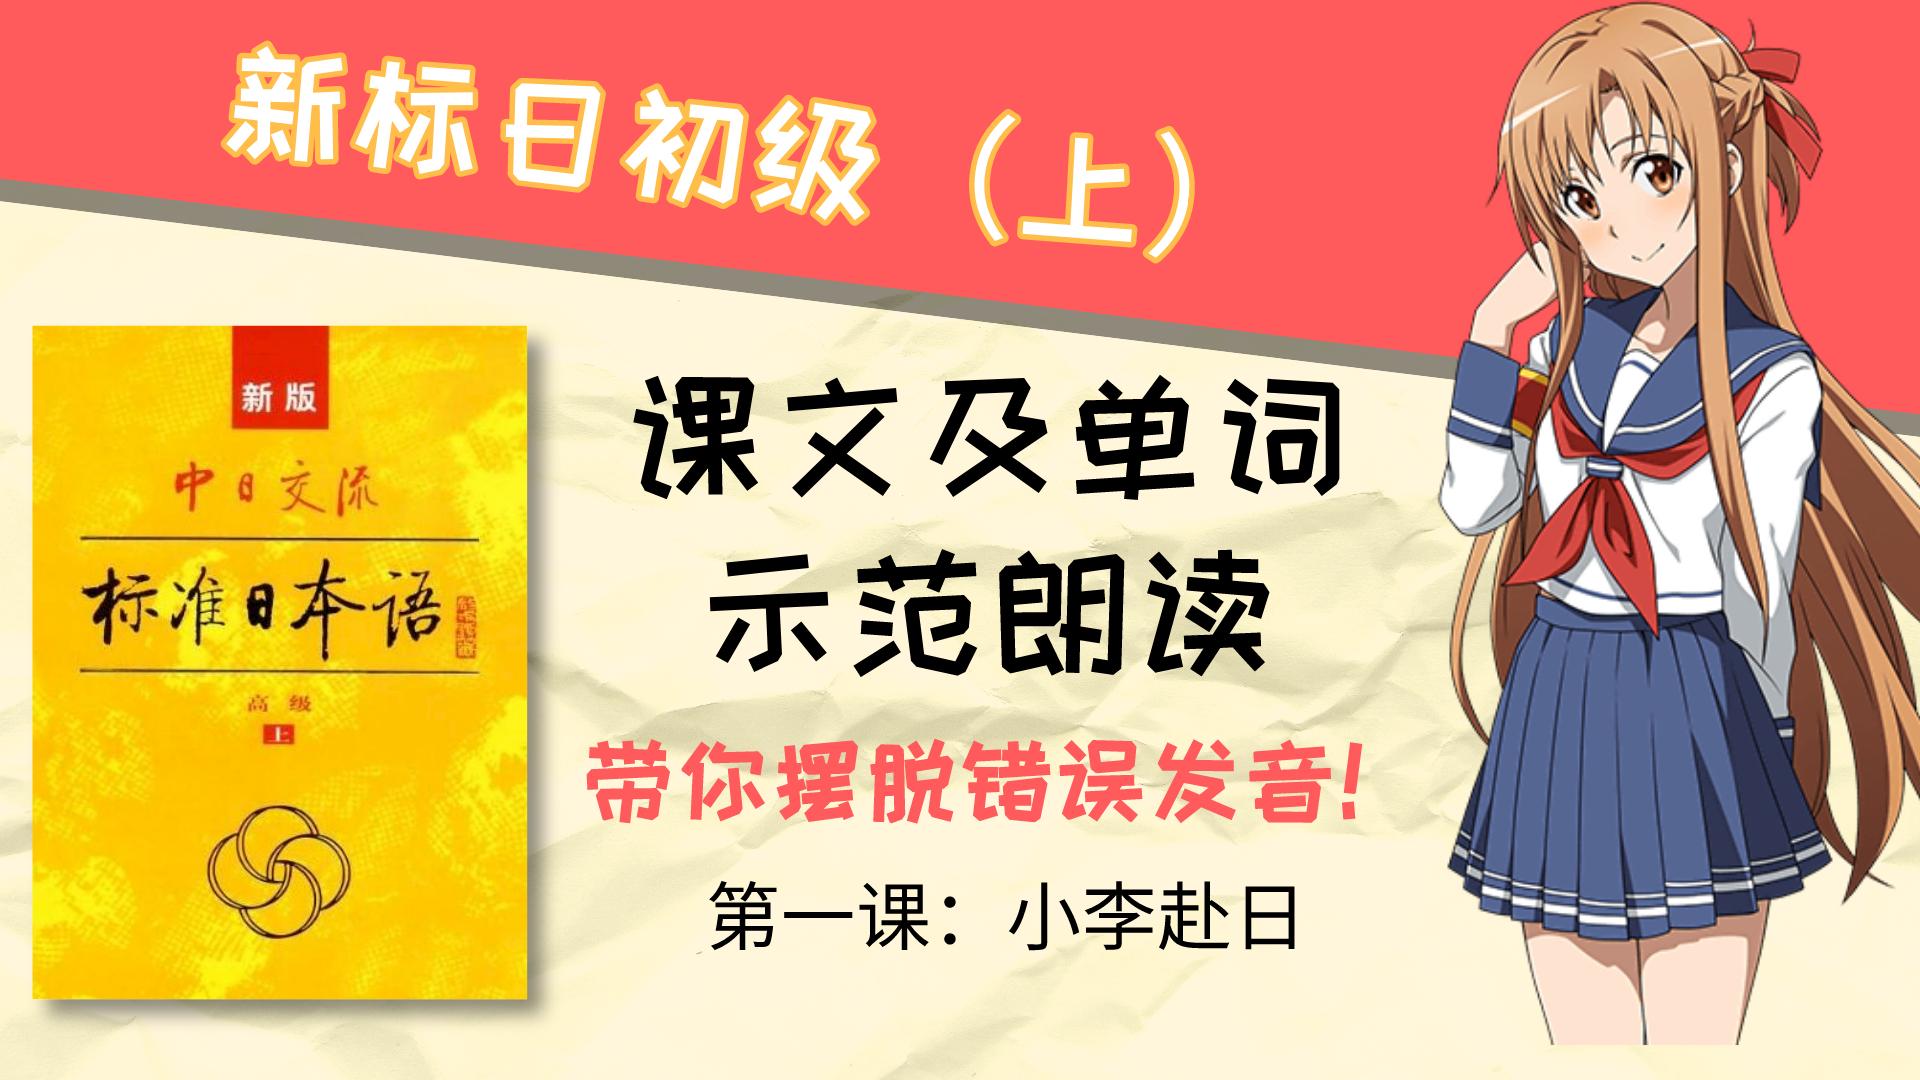 日语零基础入门:《新标日初级上册》课文及单词示范朗读,第一课